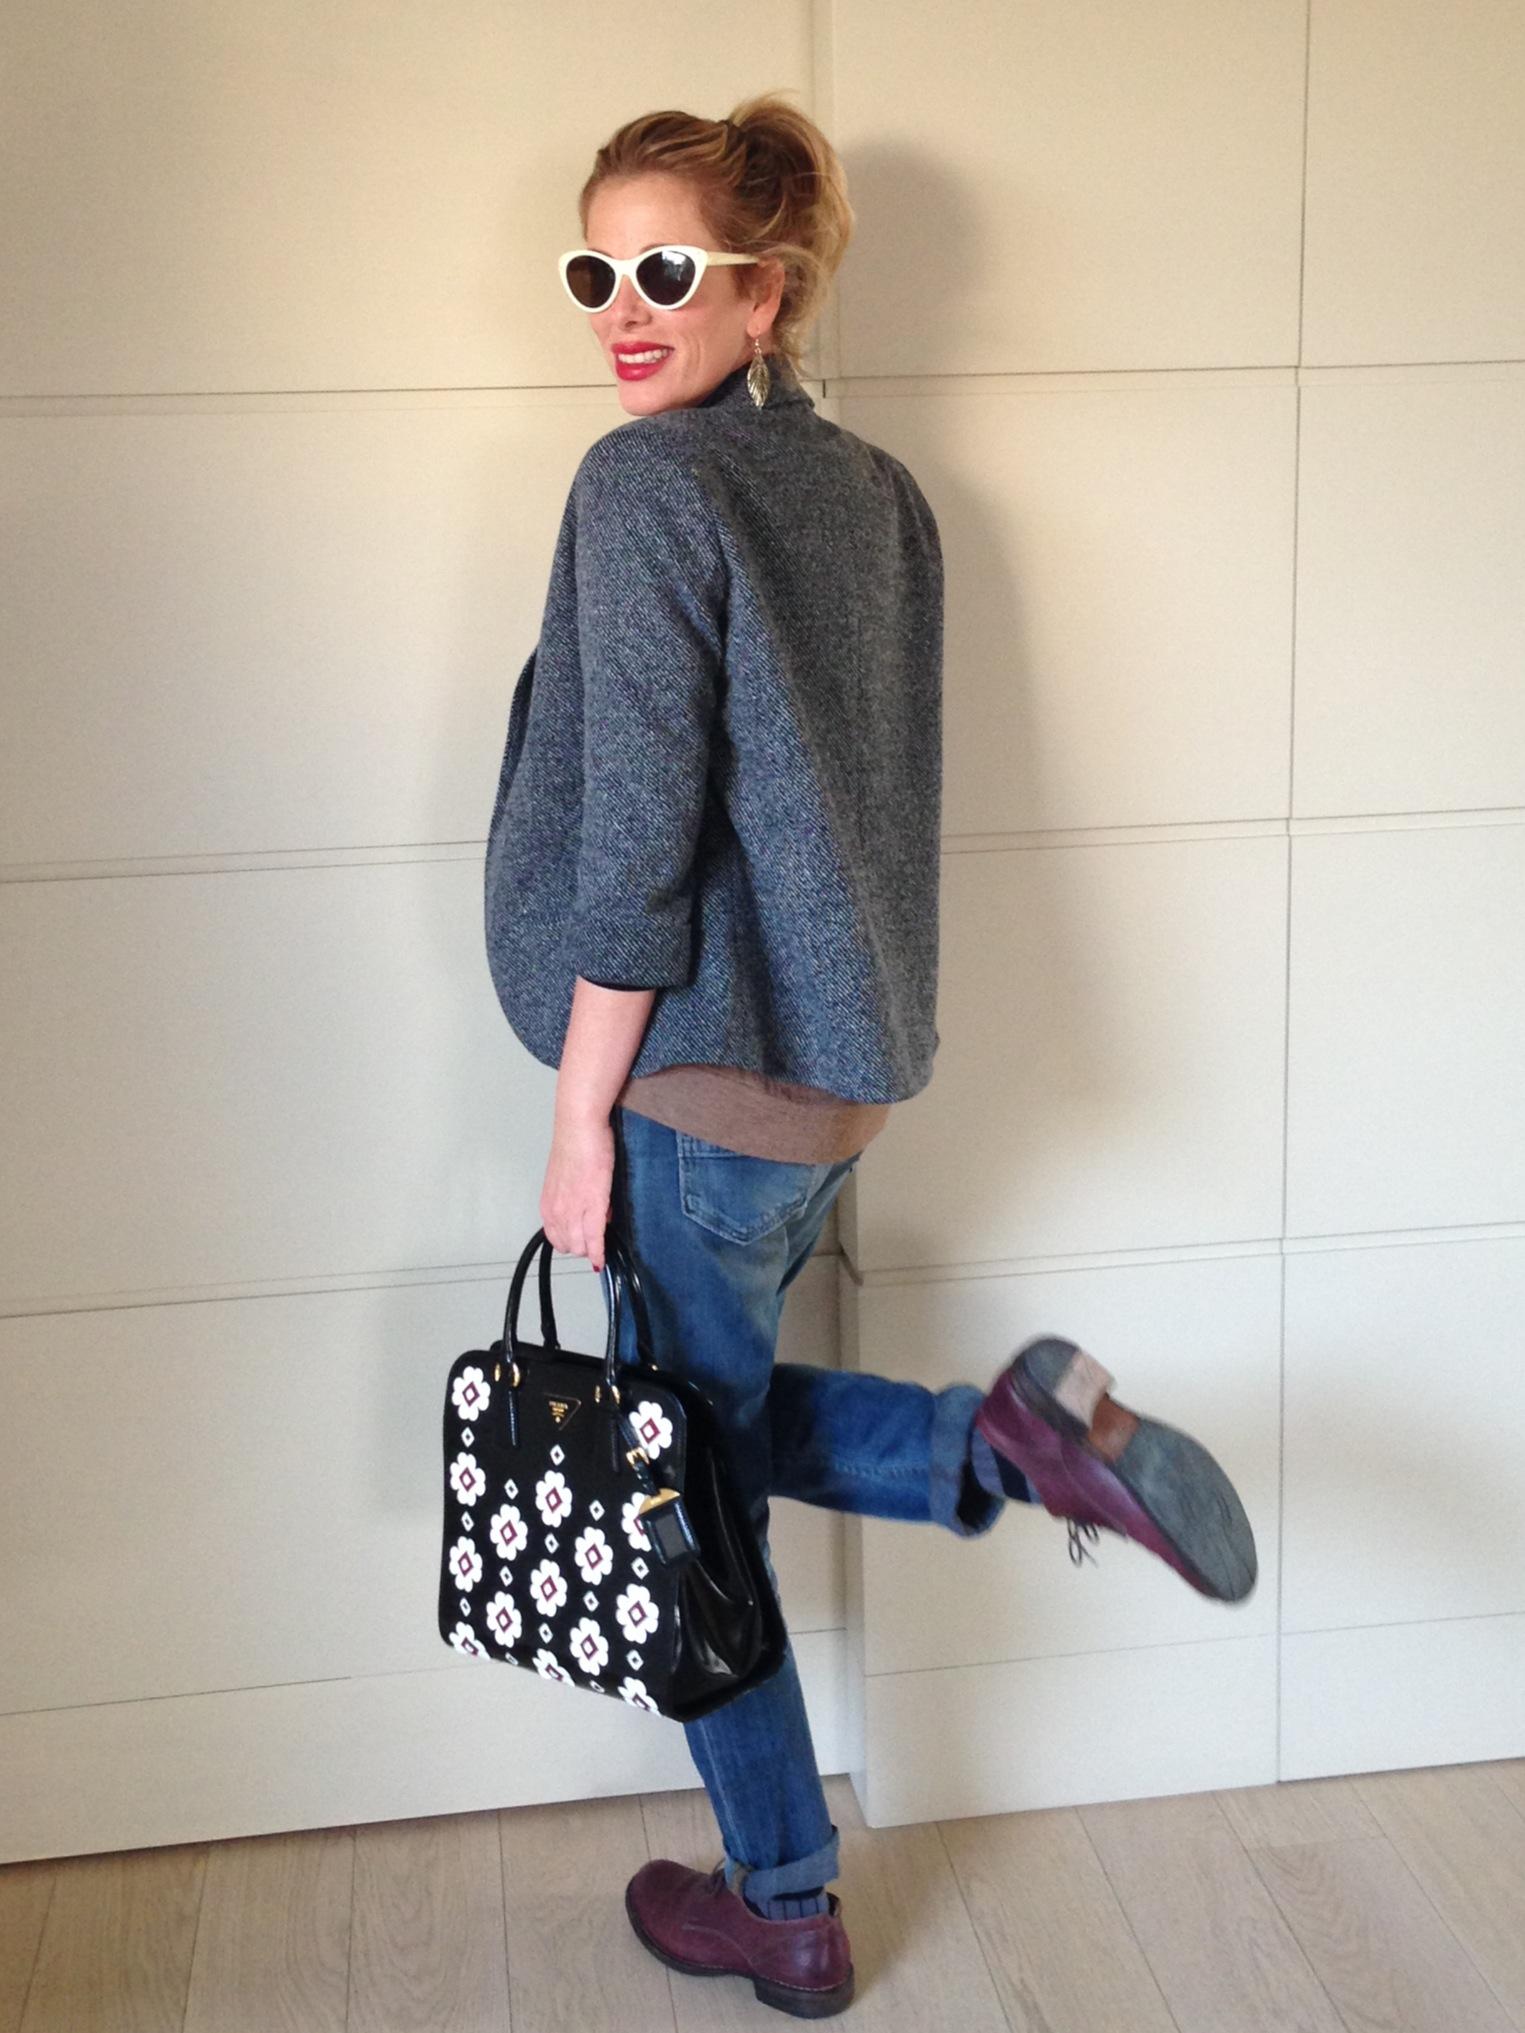 80a11c458316 Body nero maniche lunghe  Wolford – Jeans boyfriend  HTC – Calzettoni   Gallo – Scarpe  Fiorentini Baker – Borsa  Prada – Orecchini  Topshop